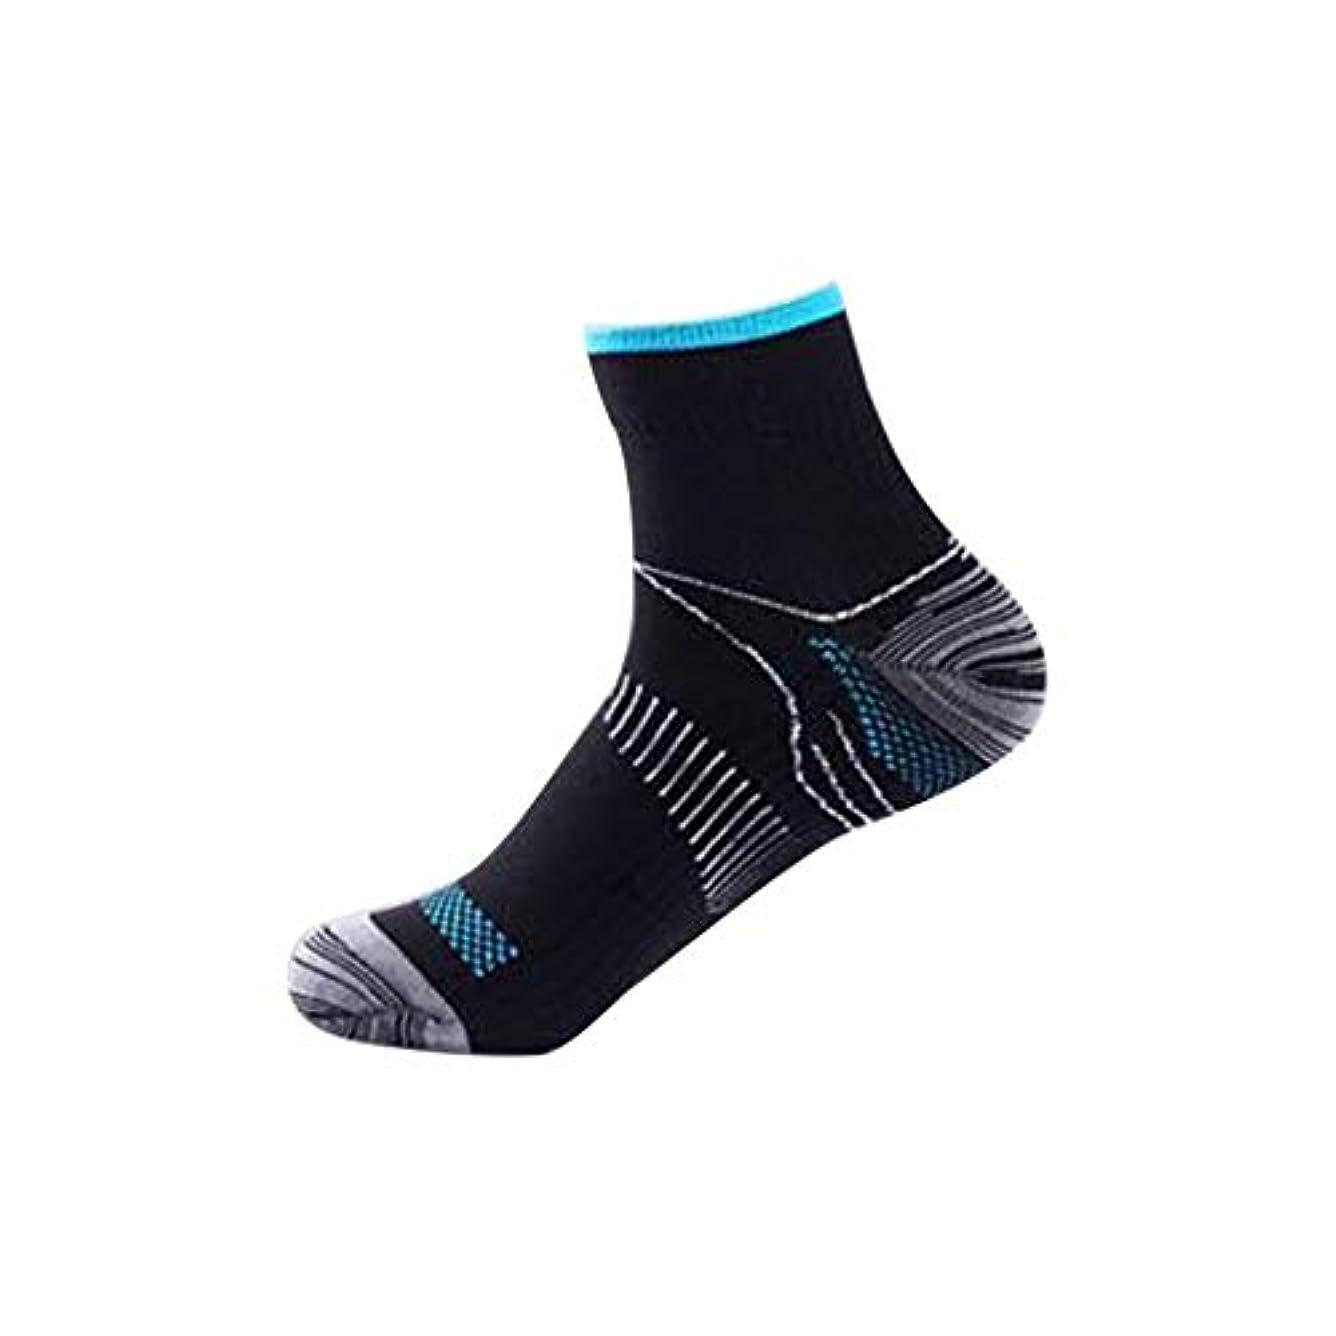 回答童謡出くわす快適な男性の女性の膝の靴下のサポートストレッチ通気性の靴下の下の短いストレッチ圧縮の靴下(Color:black&blue)(Size:S/M)